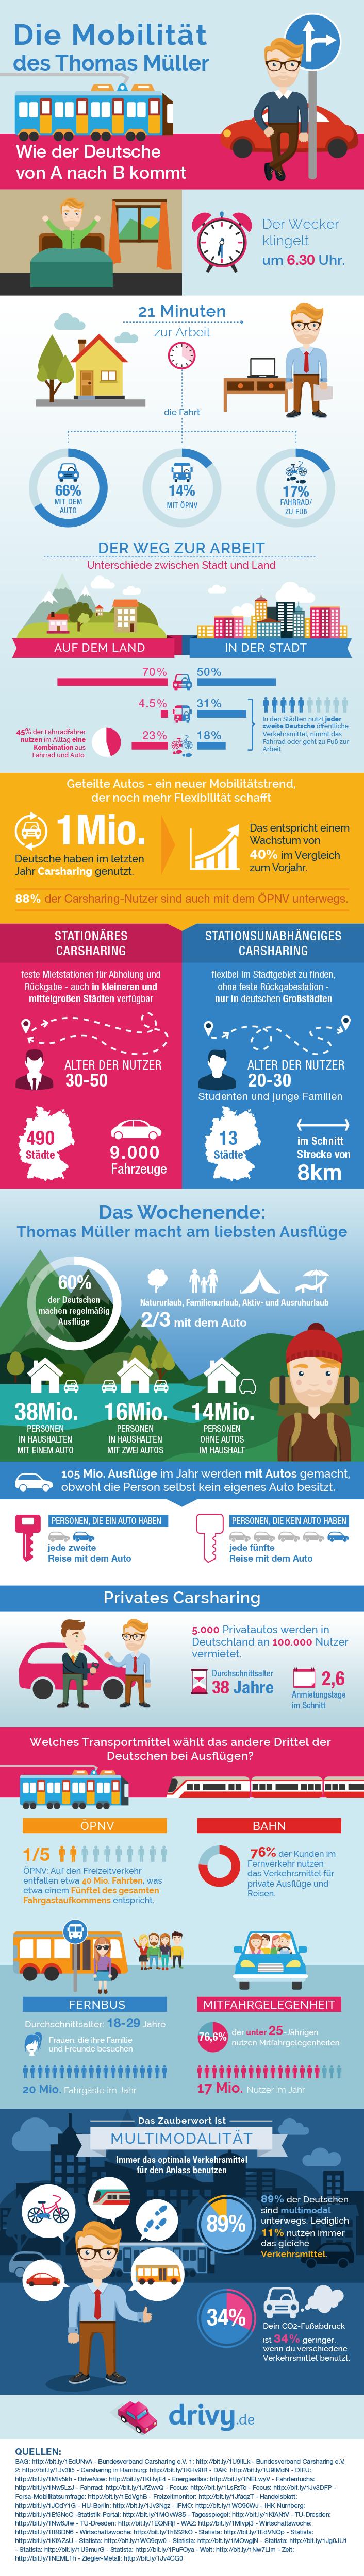 Die neue Mobilität - So bewegt sich der Deutsche von A nach B